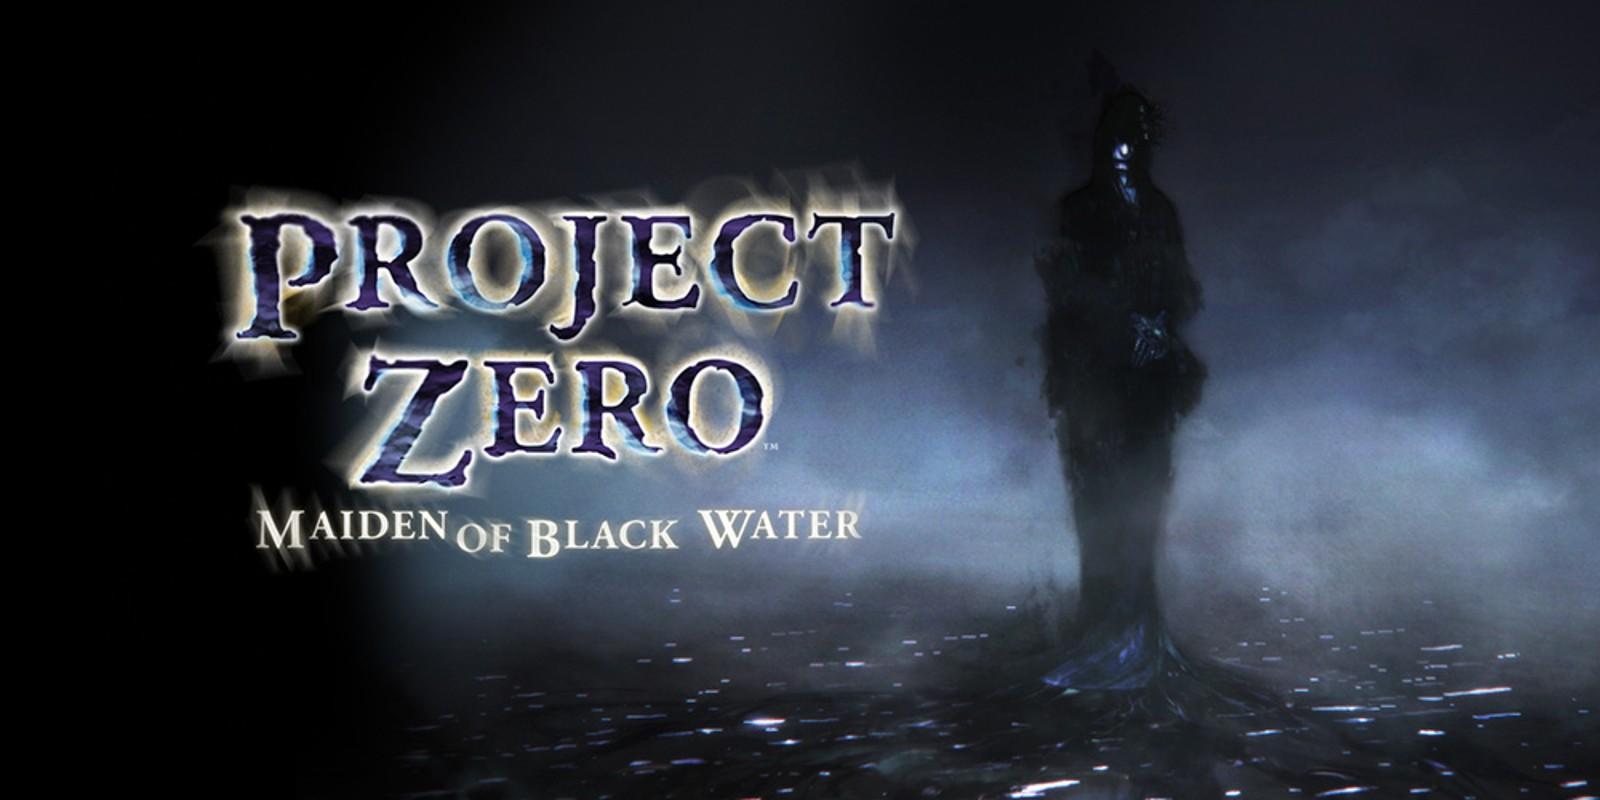 Dark Souls Animated Wallpaper Project Zero Maiden Of Black Water Wii U Games Nintendo